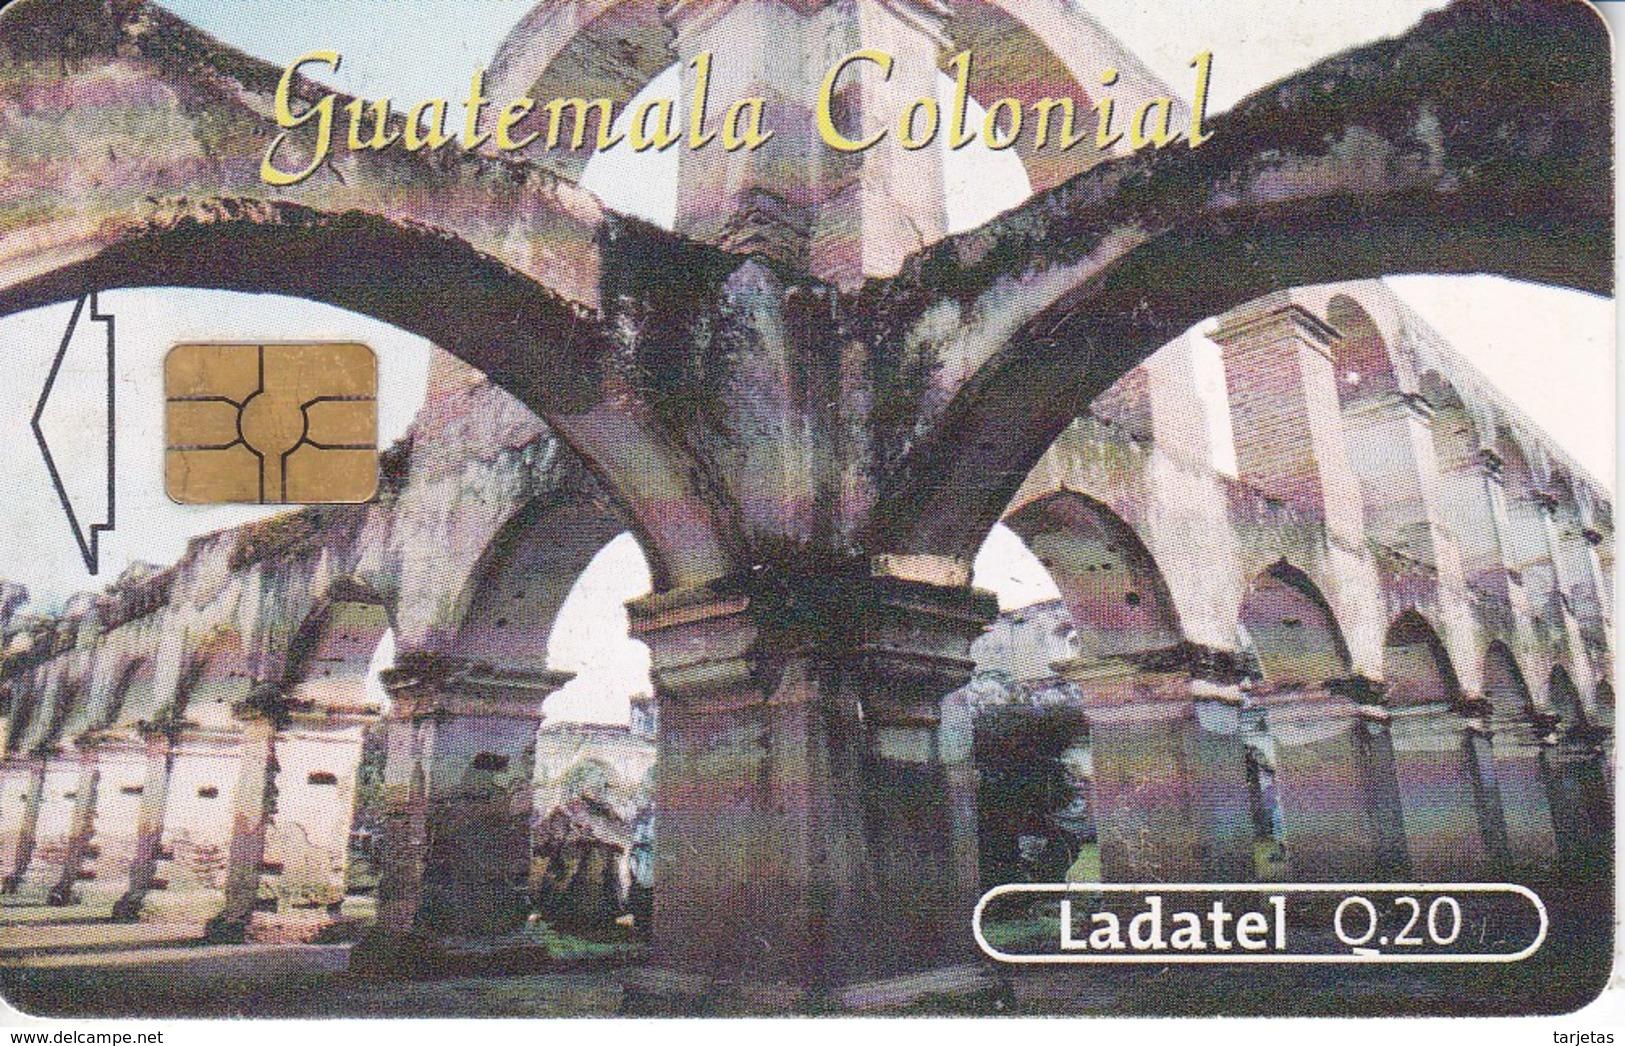 TARJETA DE GUATEMALA DEL TEMPLO Y CONVENTO DE SANTA CLARA CHIP NEGRO (LADATEL) - Guatemala